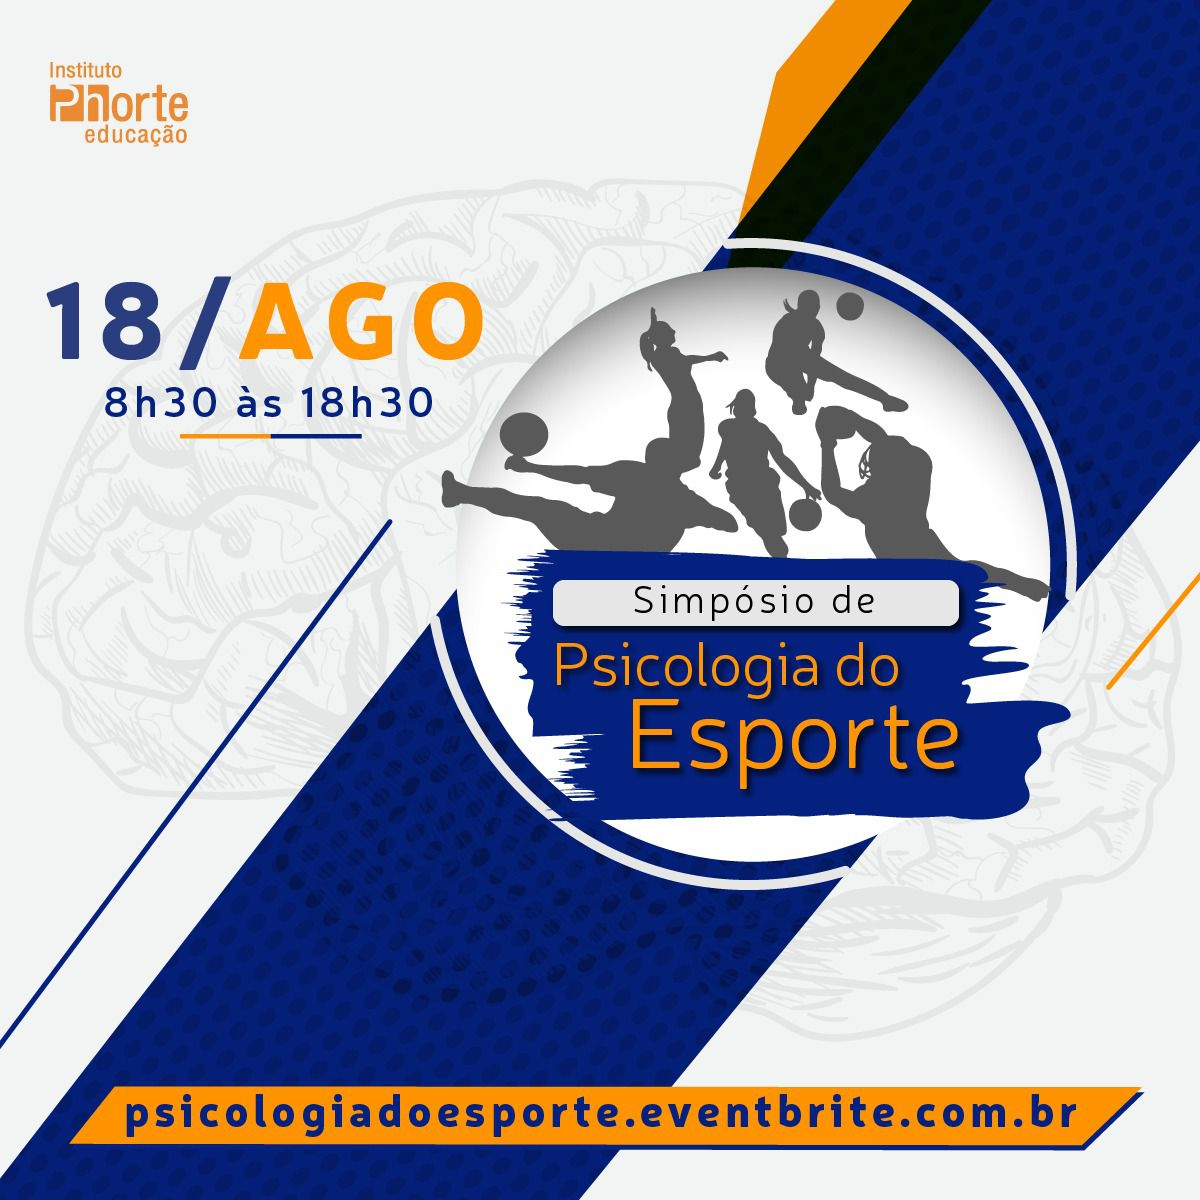 Simpósio de Psicologia do Esporte (18 de agosto)  - Cursos distância e aulas online Instituto Phorte Educação.